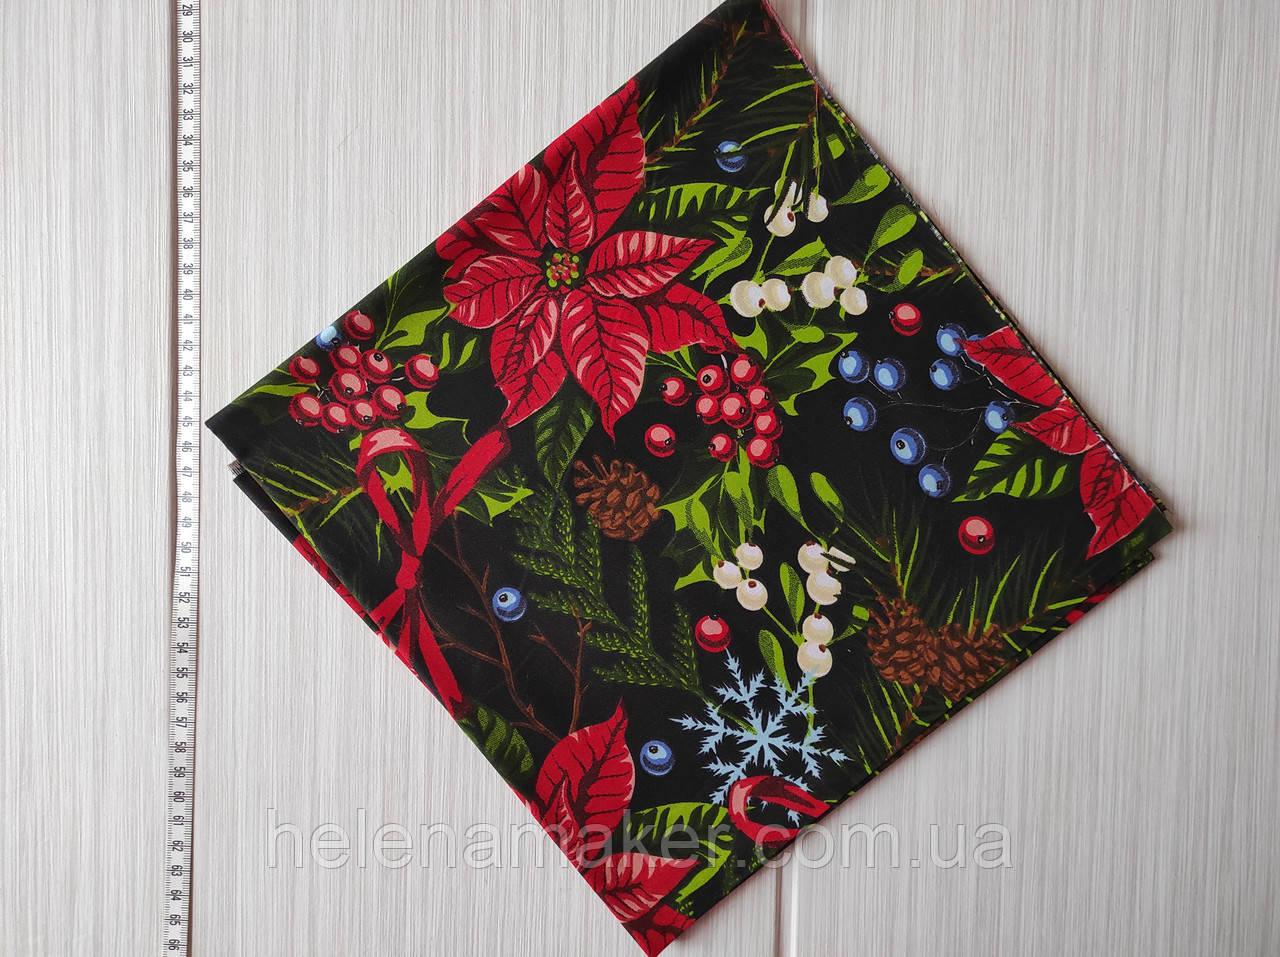 Новогодняя ткань Рождественник и елочные веточки на черном фоне 50*50 см